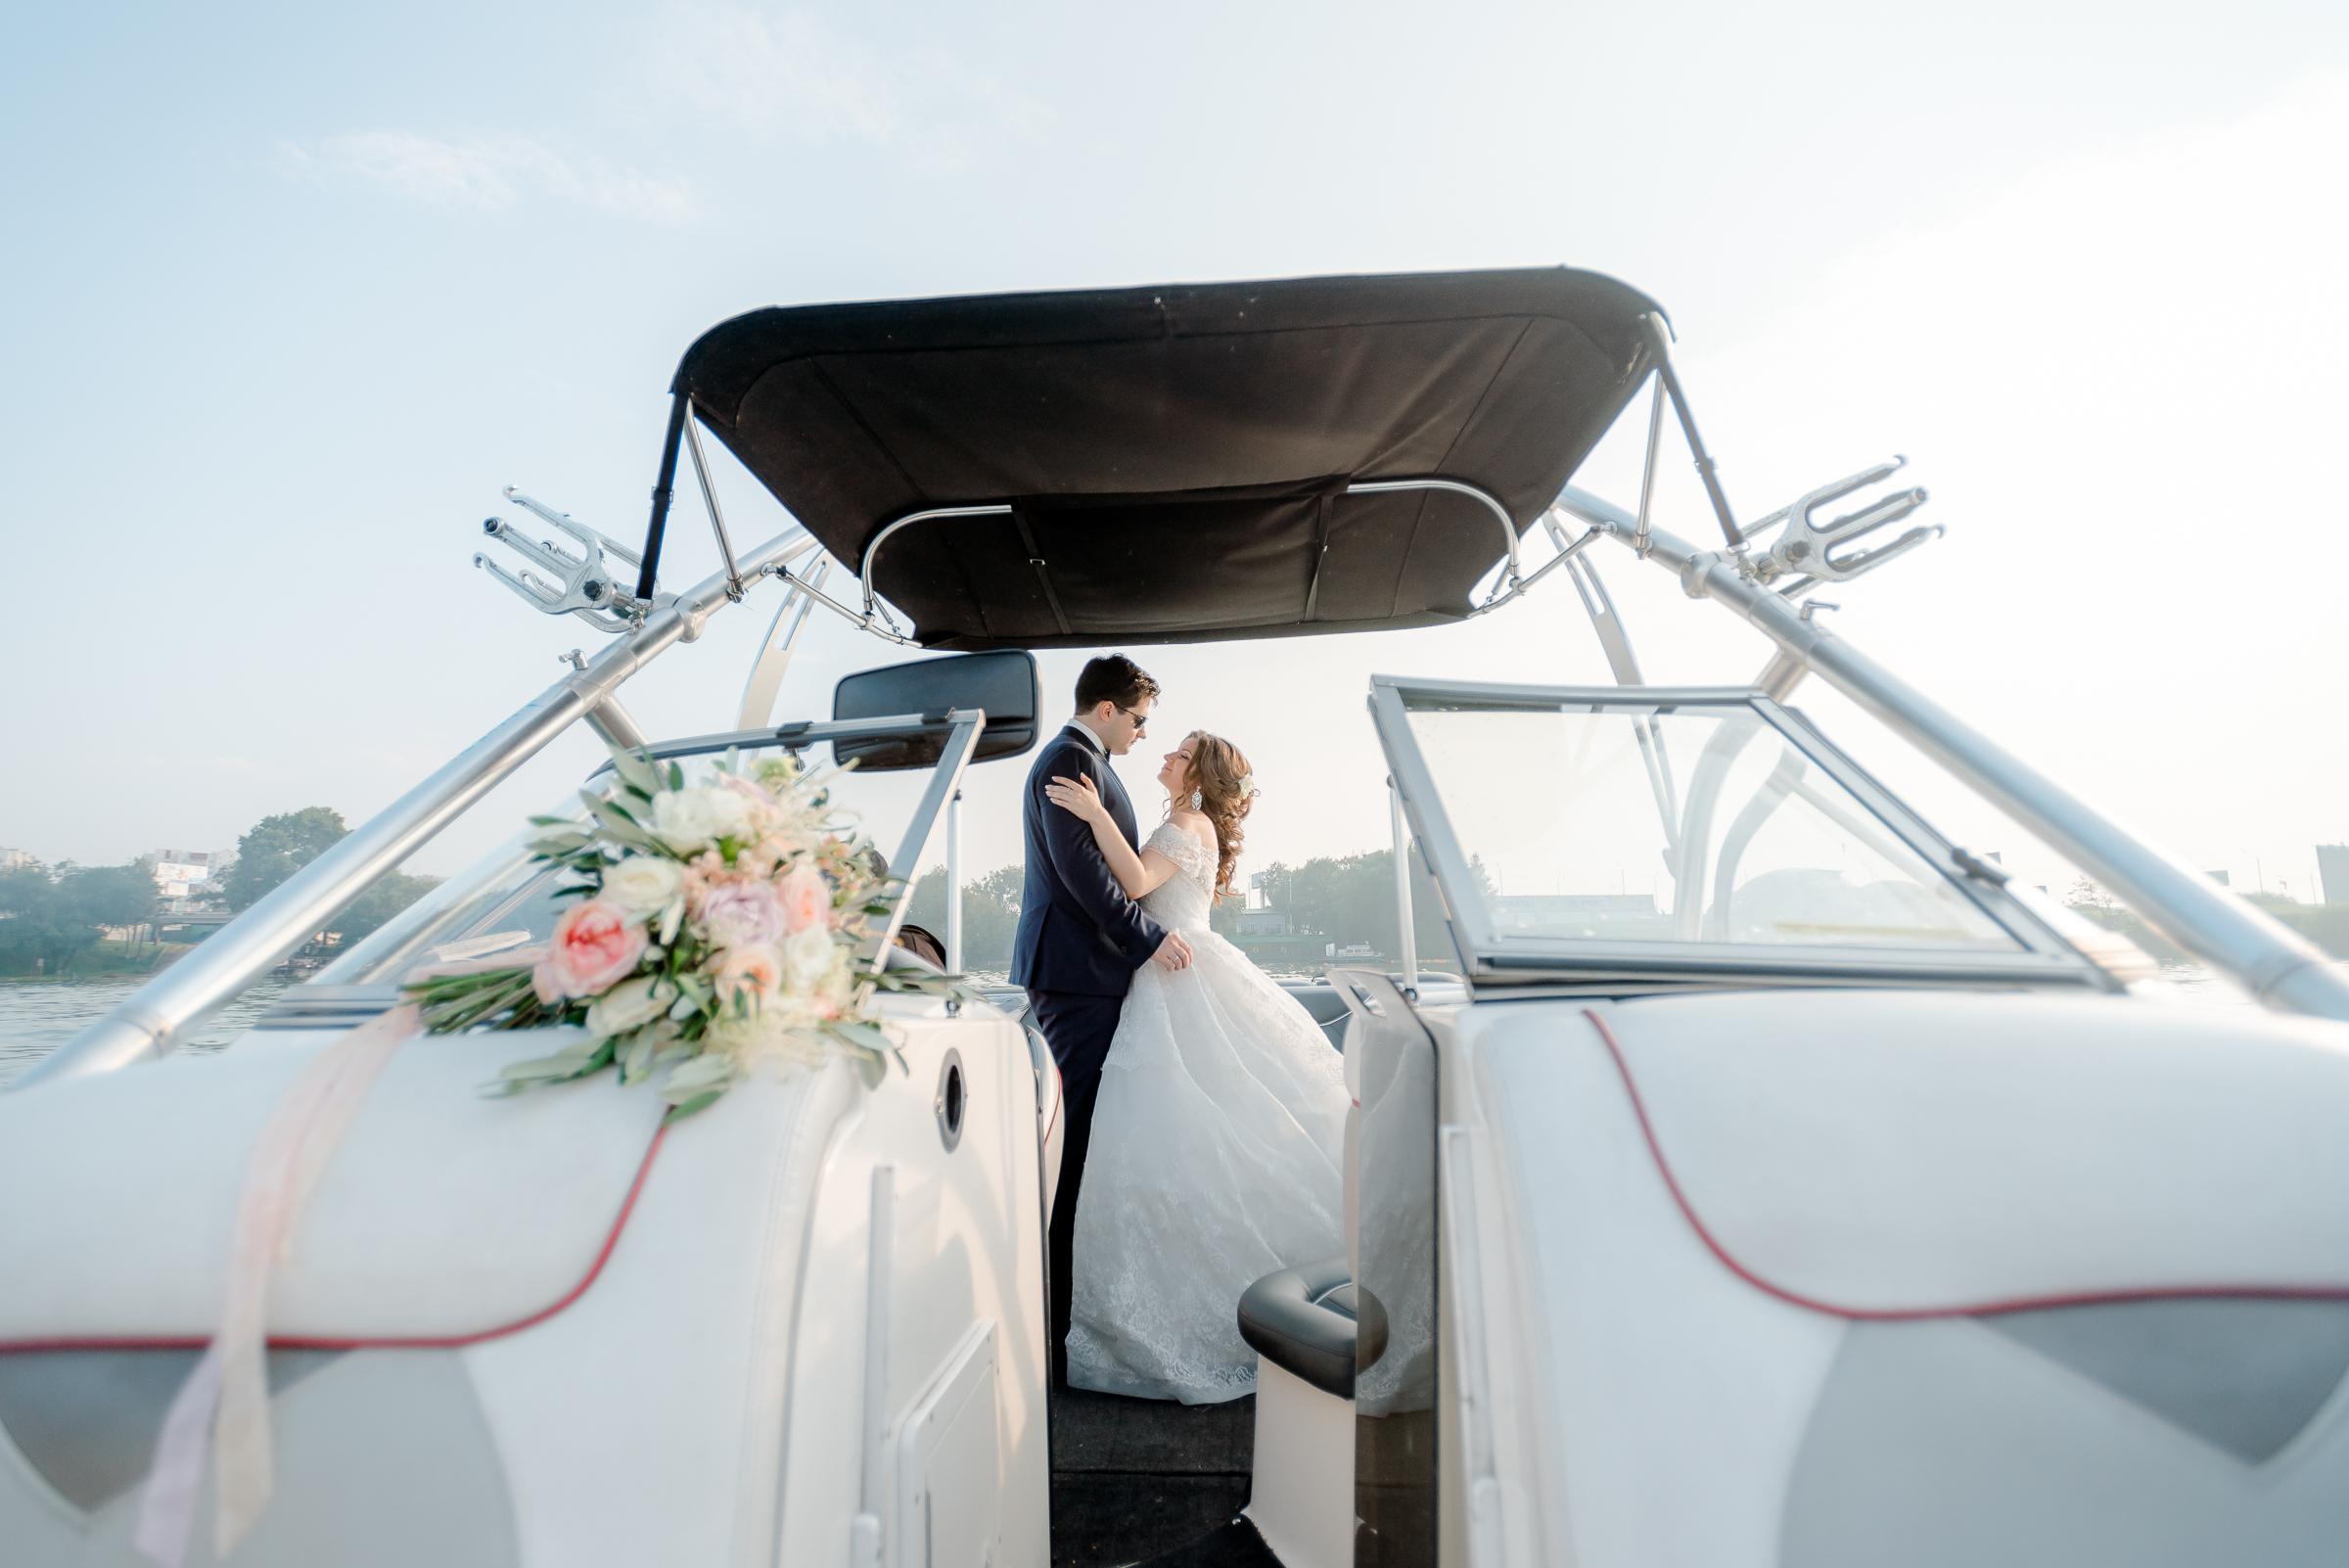 свадебная фотосъемка на катере